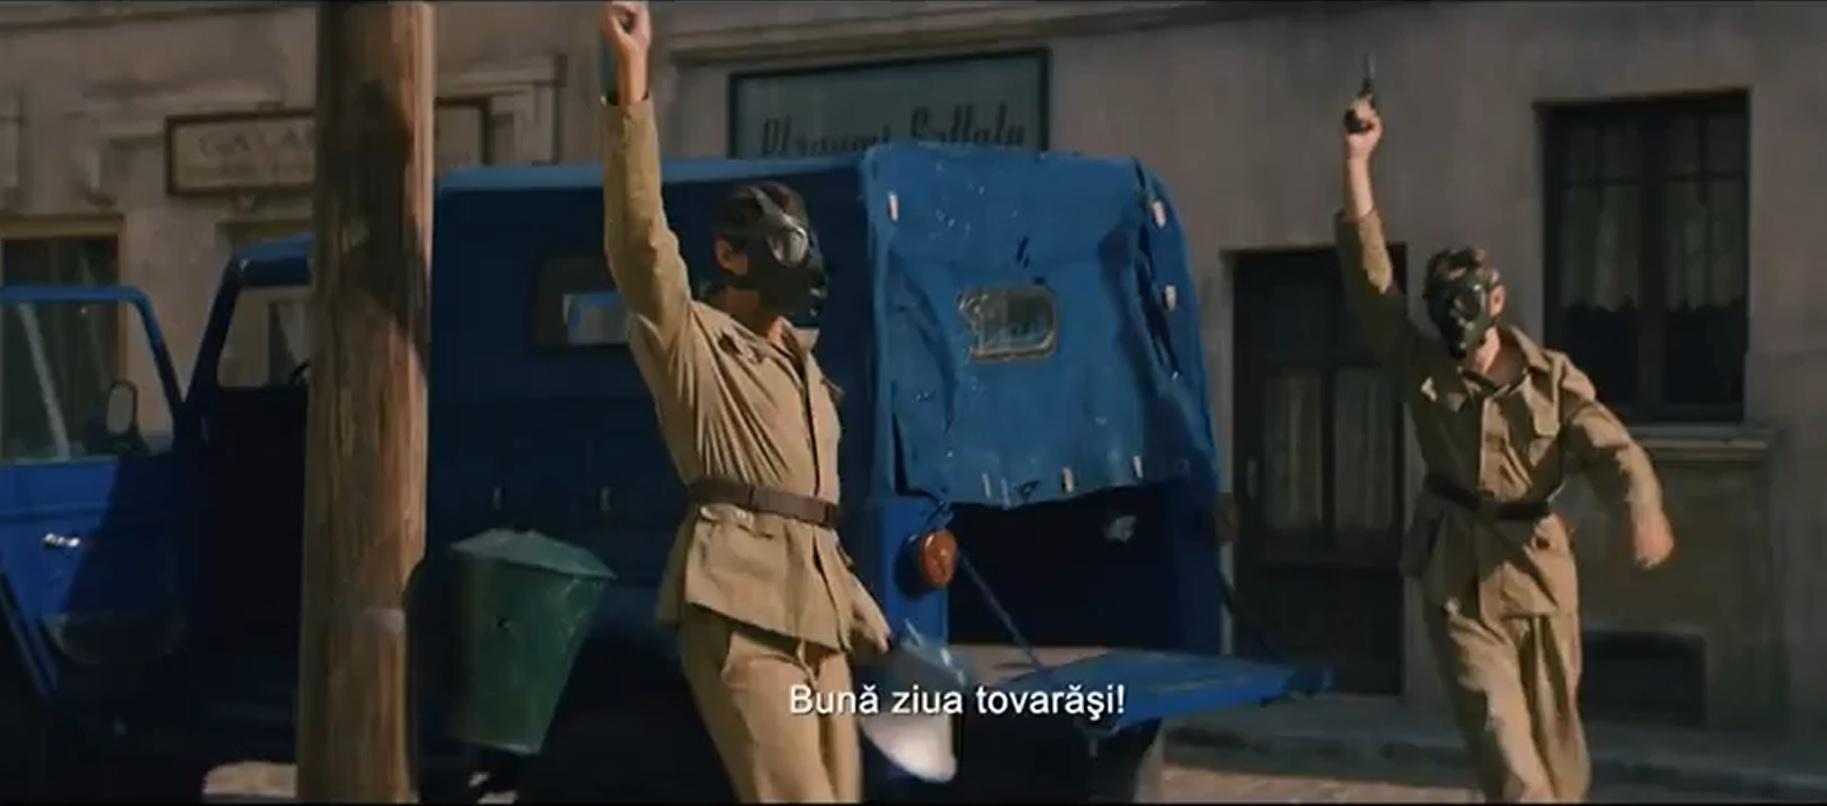 Dupa jaful comunist s-au facut mai multe filme, primul in 1960